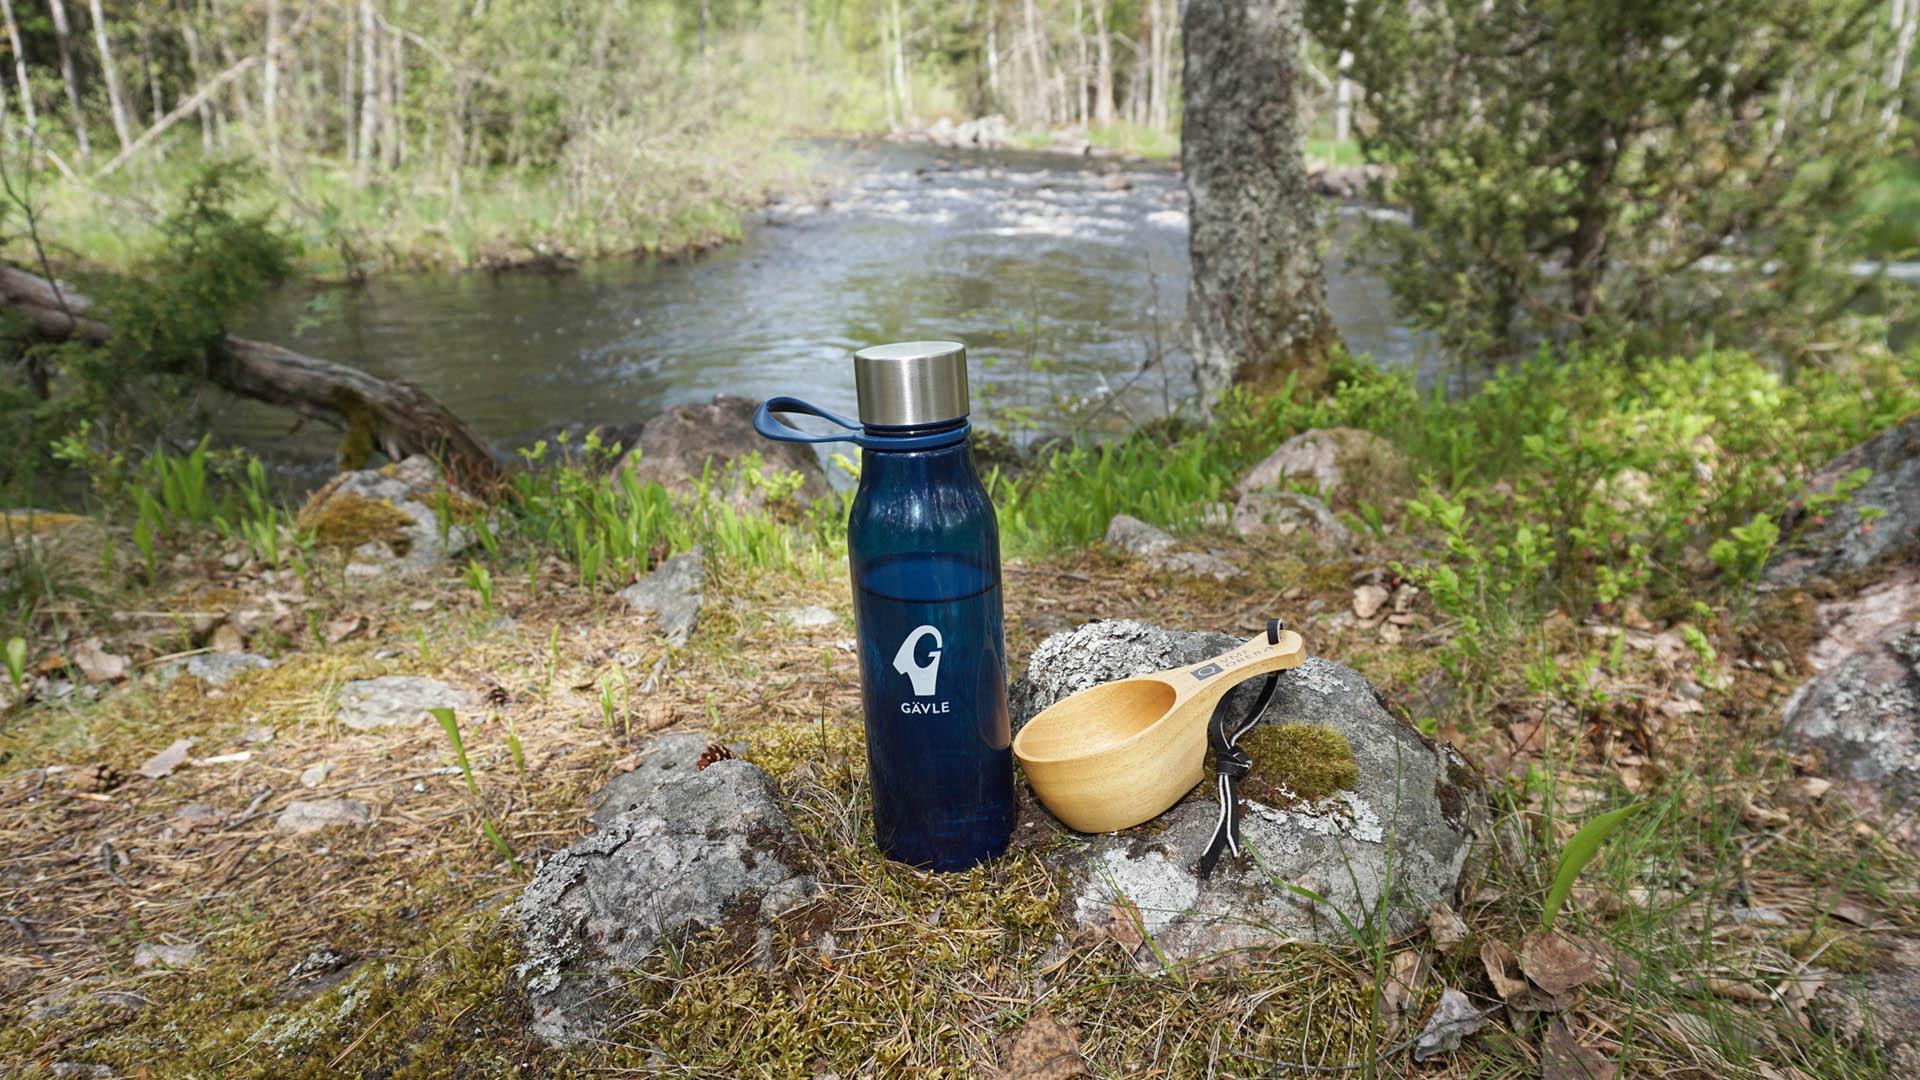 Vattenflaska och kåsa vid vattnet Gästrikeleden.